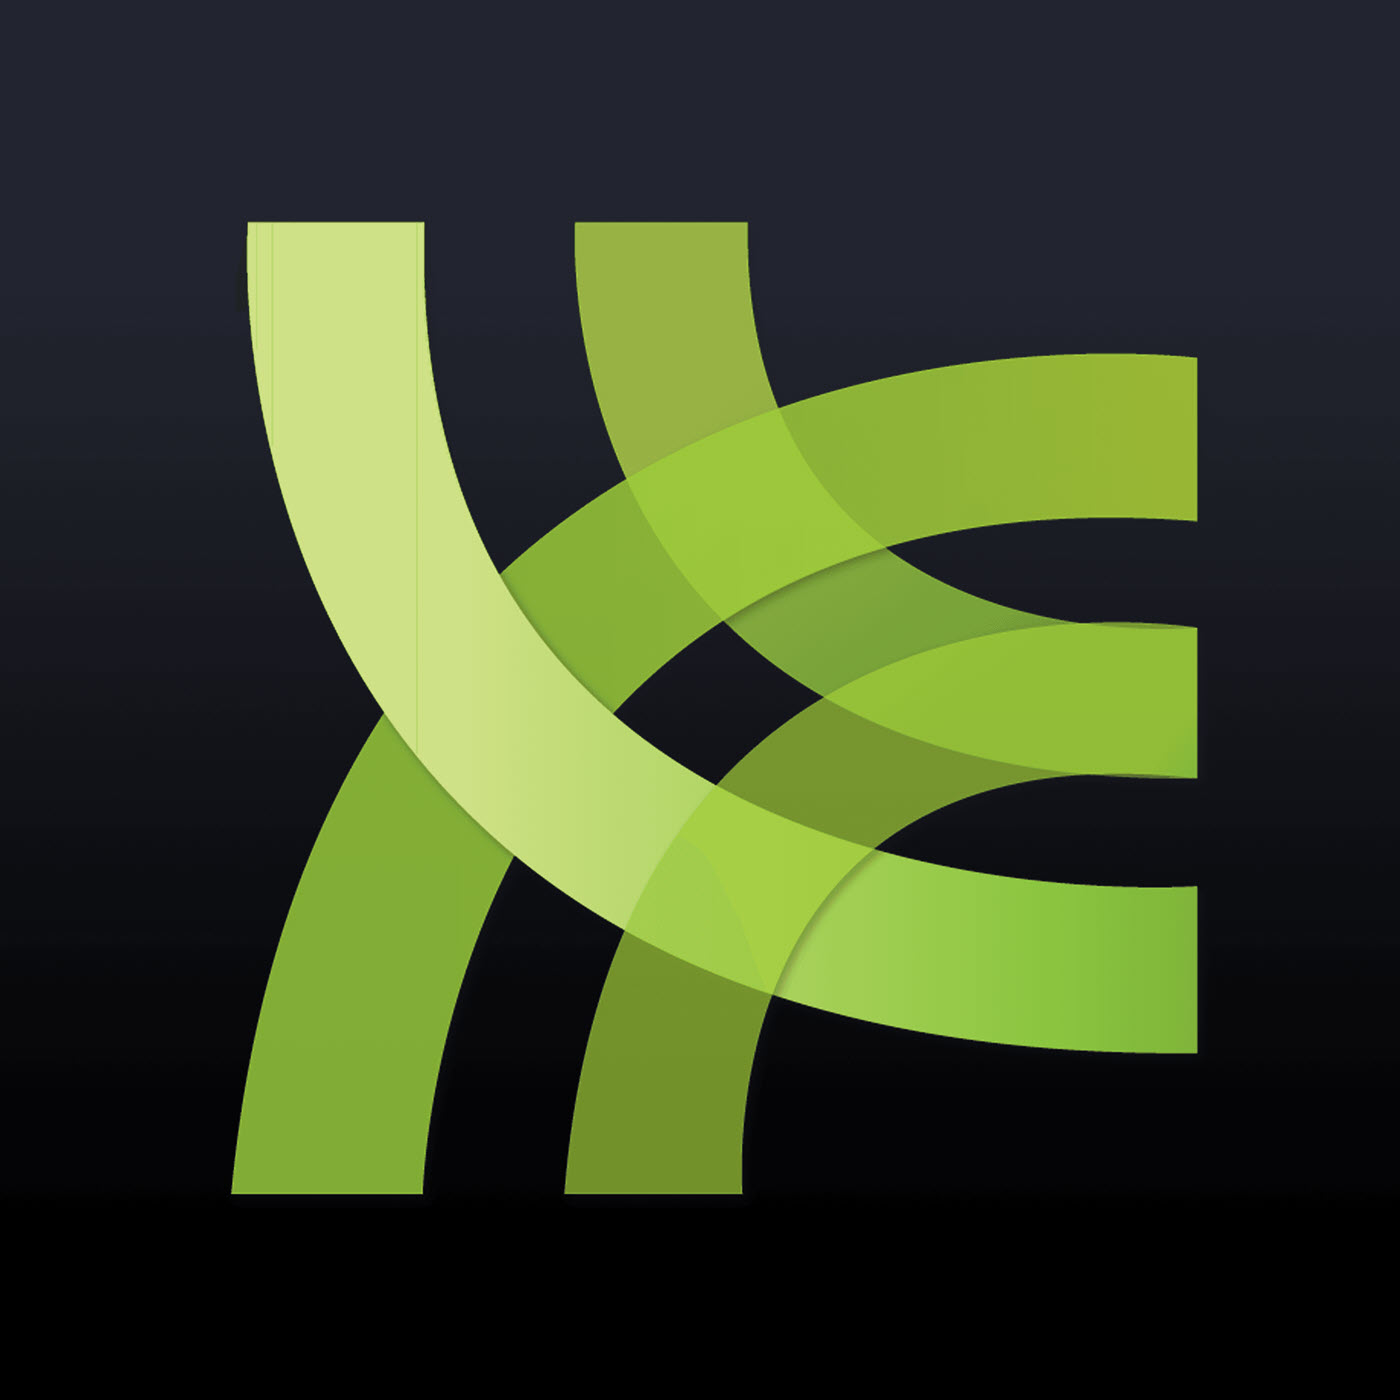 http://cdn2.libsyn.com/themerlinshowhi/podcasts/43f/i/43f-logo-square-300.png?nvb=20100102125133&nva=20100103130133&t=04a11244f18910a5afd9b